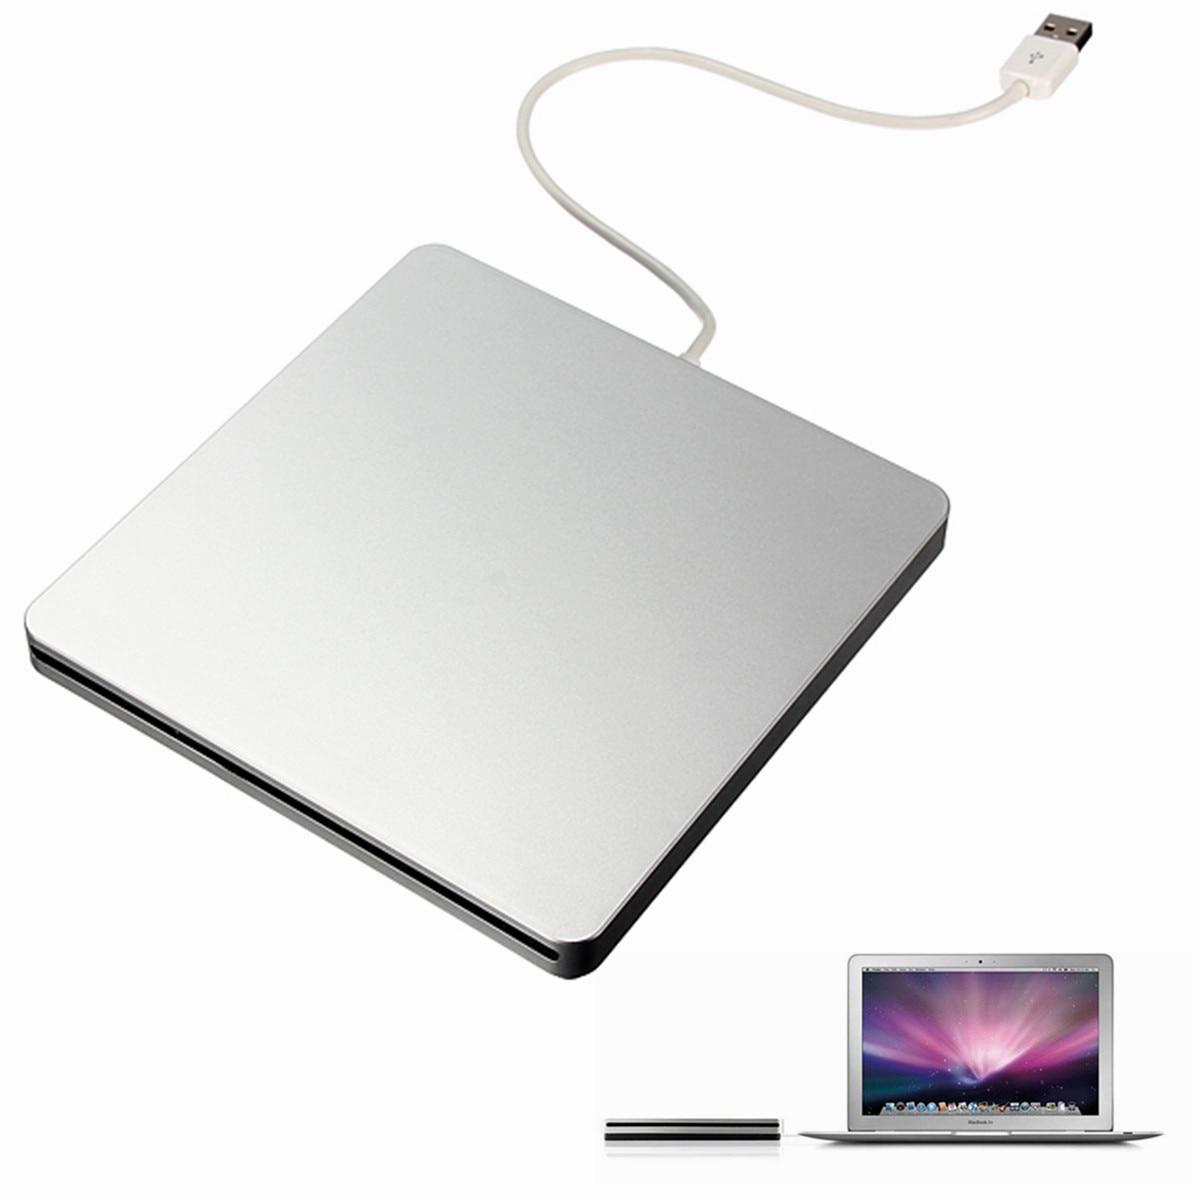 bestrunner портативный порт USB2.0 внешний тонкий DVD-диск/компакт-диск-RW Gore регистратор оптического привод компакт-дисков и DVD встроенная память комбинированный пистолет поддержка windows10